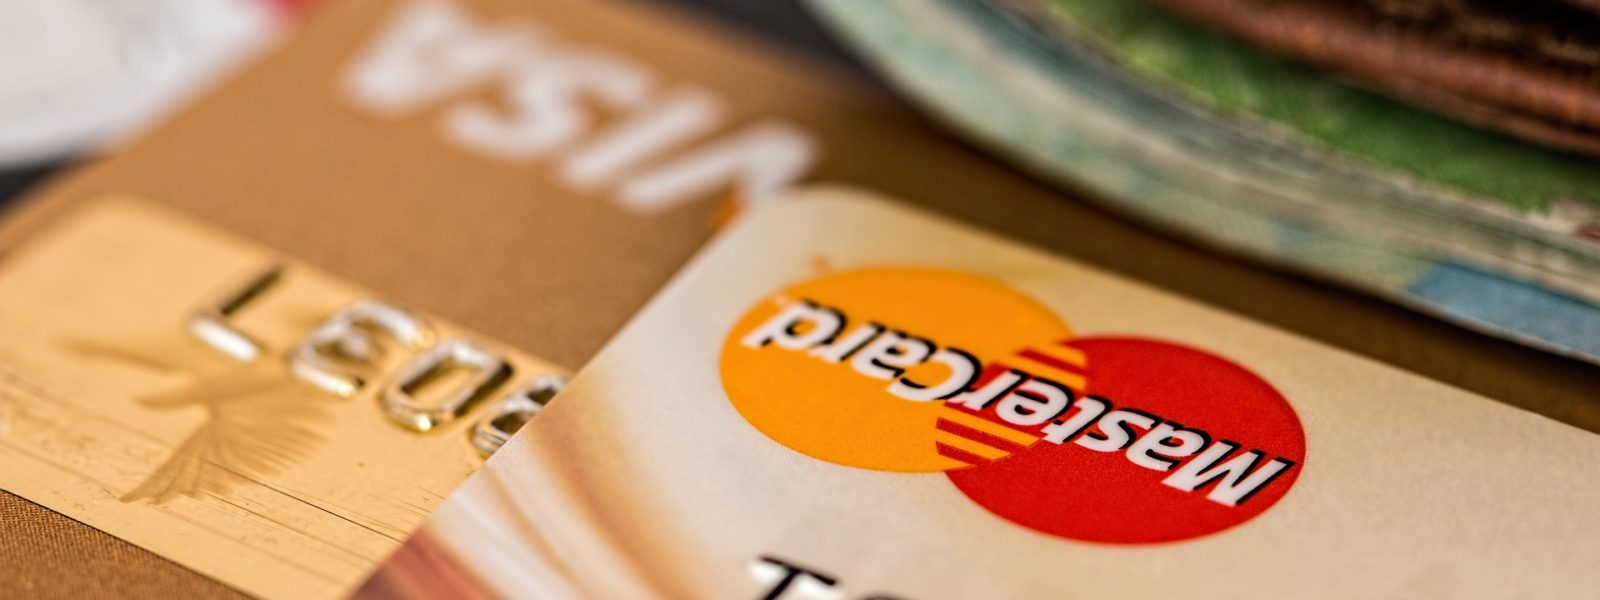 Splácet více úvěrů není výhodné, konsolidujte a ušetříte